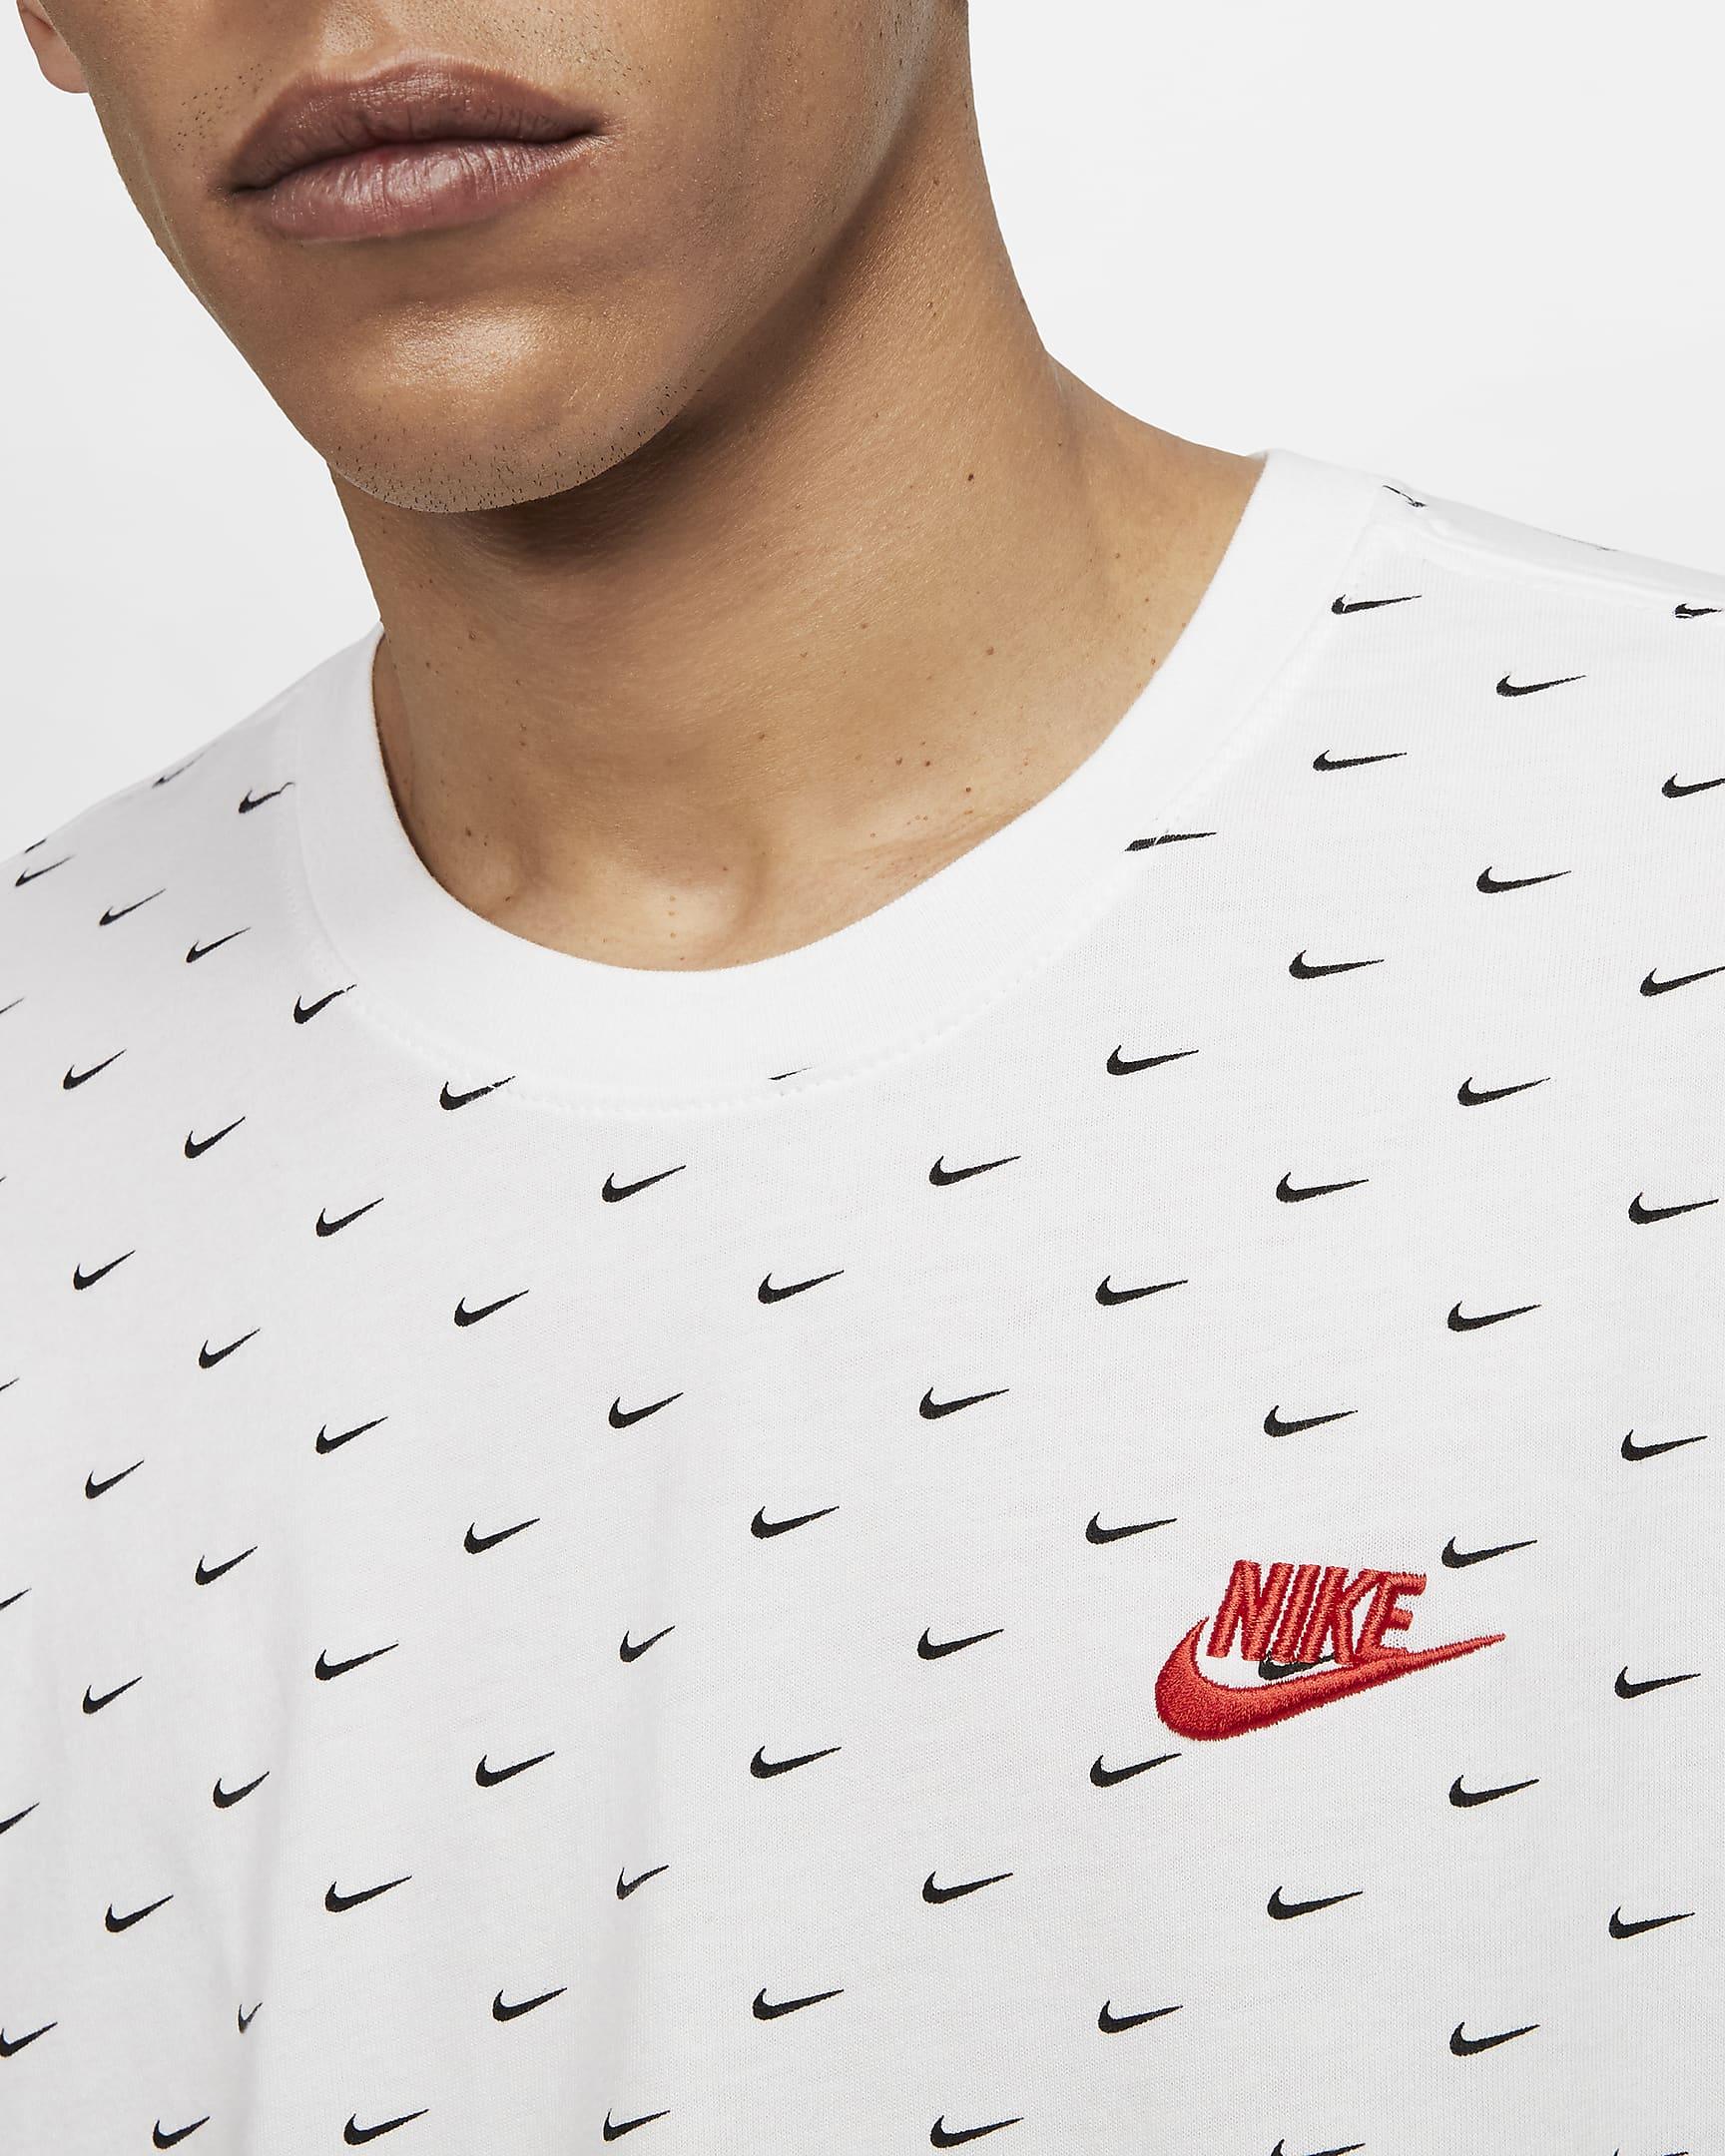 nike-sportswear-swoosh-mens-t-shirt-fTQJ6s-1.png